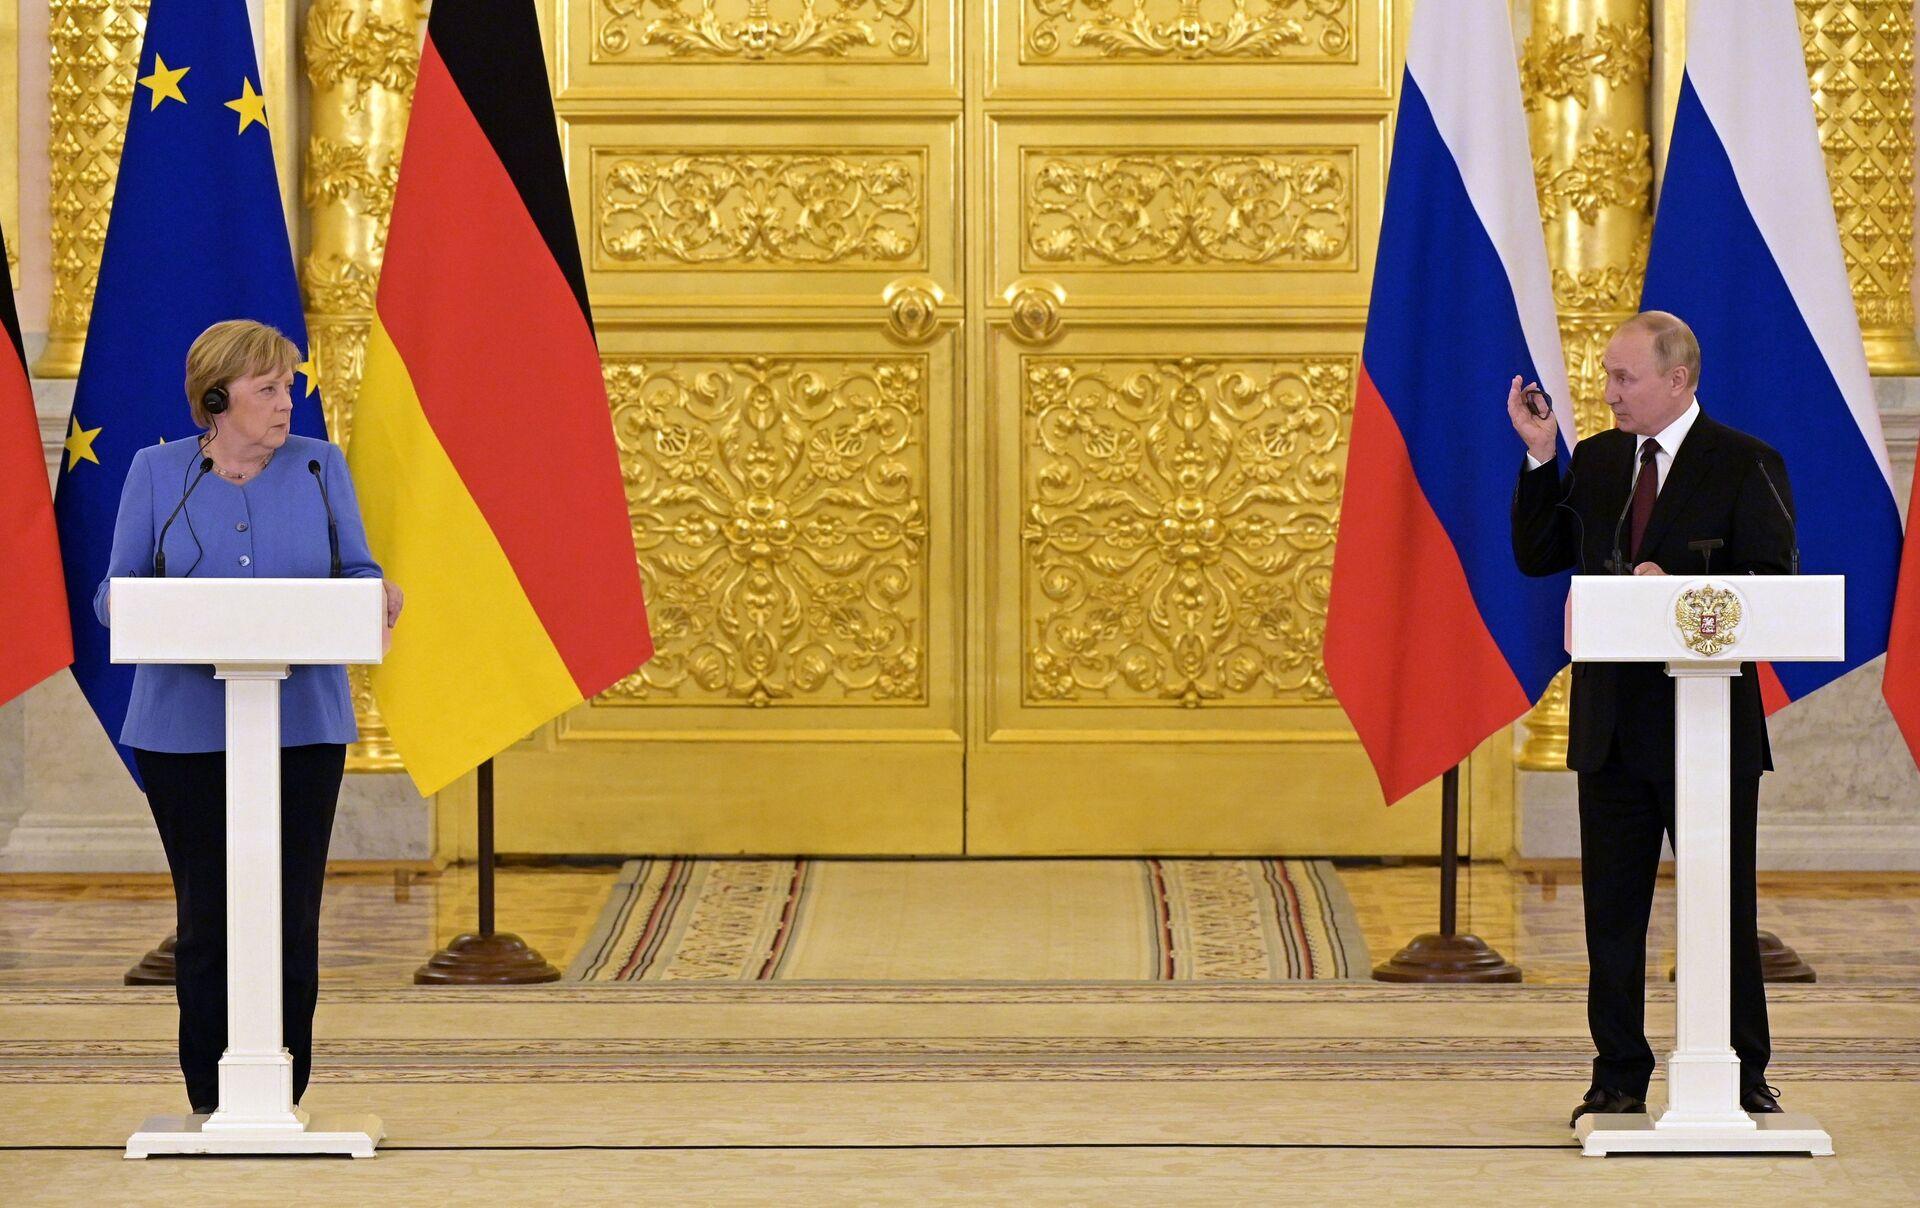 Tổng thống Nga Vladimir Putin và Thủ tướng Đức Angela Merkel trong cuộc họp báo - Sputnik Việt Nam, 1920, 05.10.2021